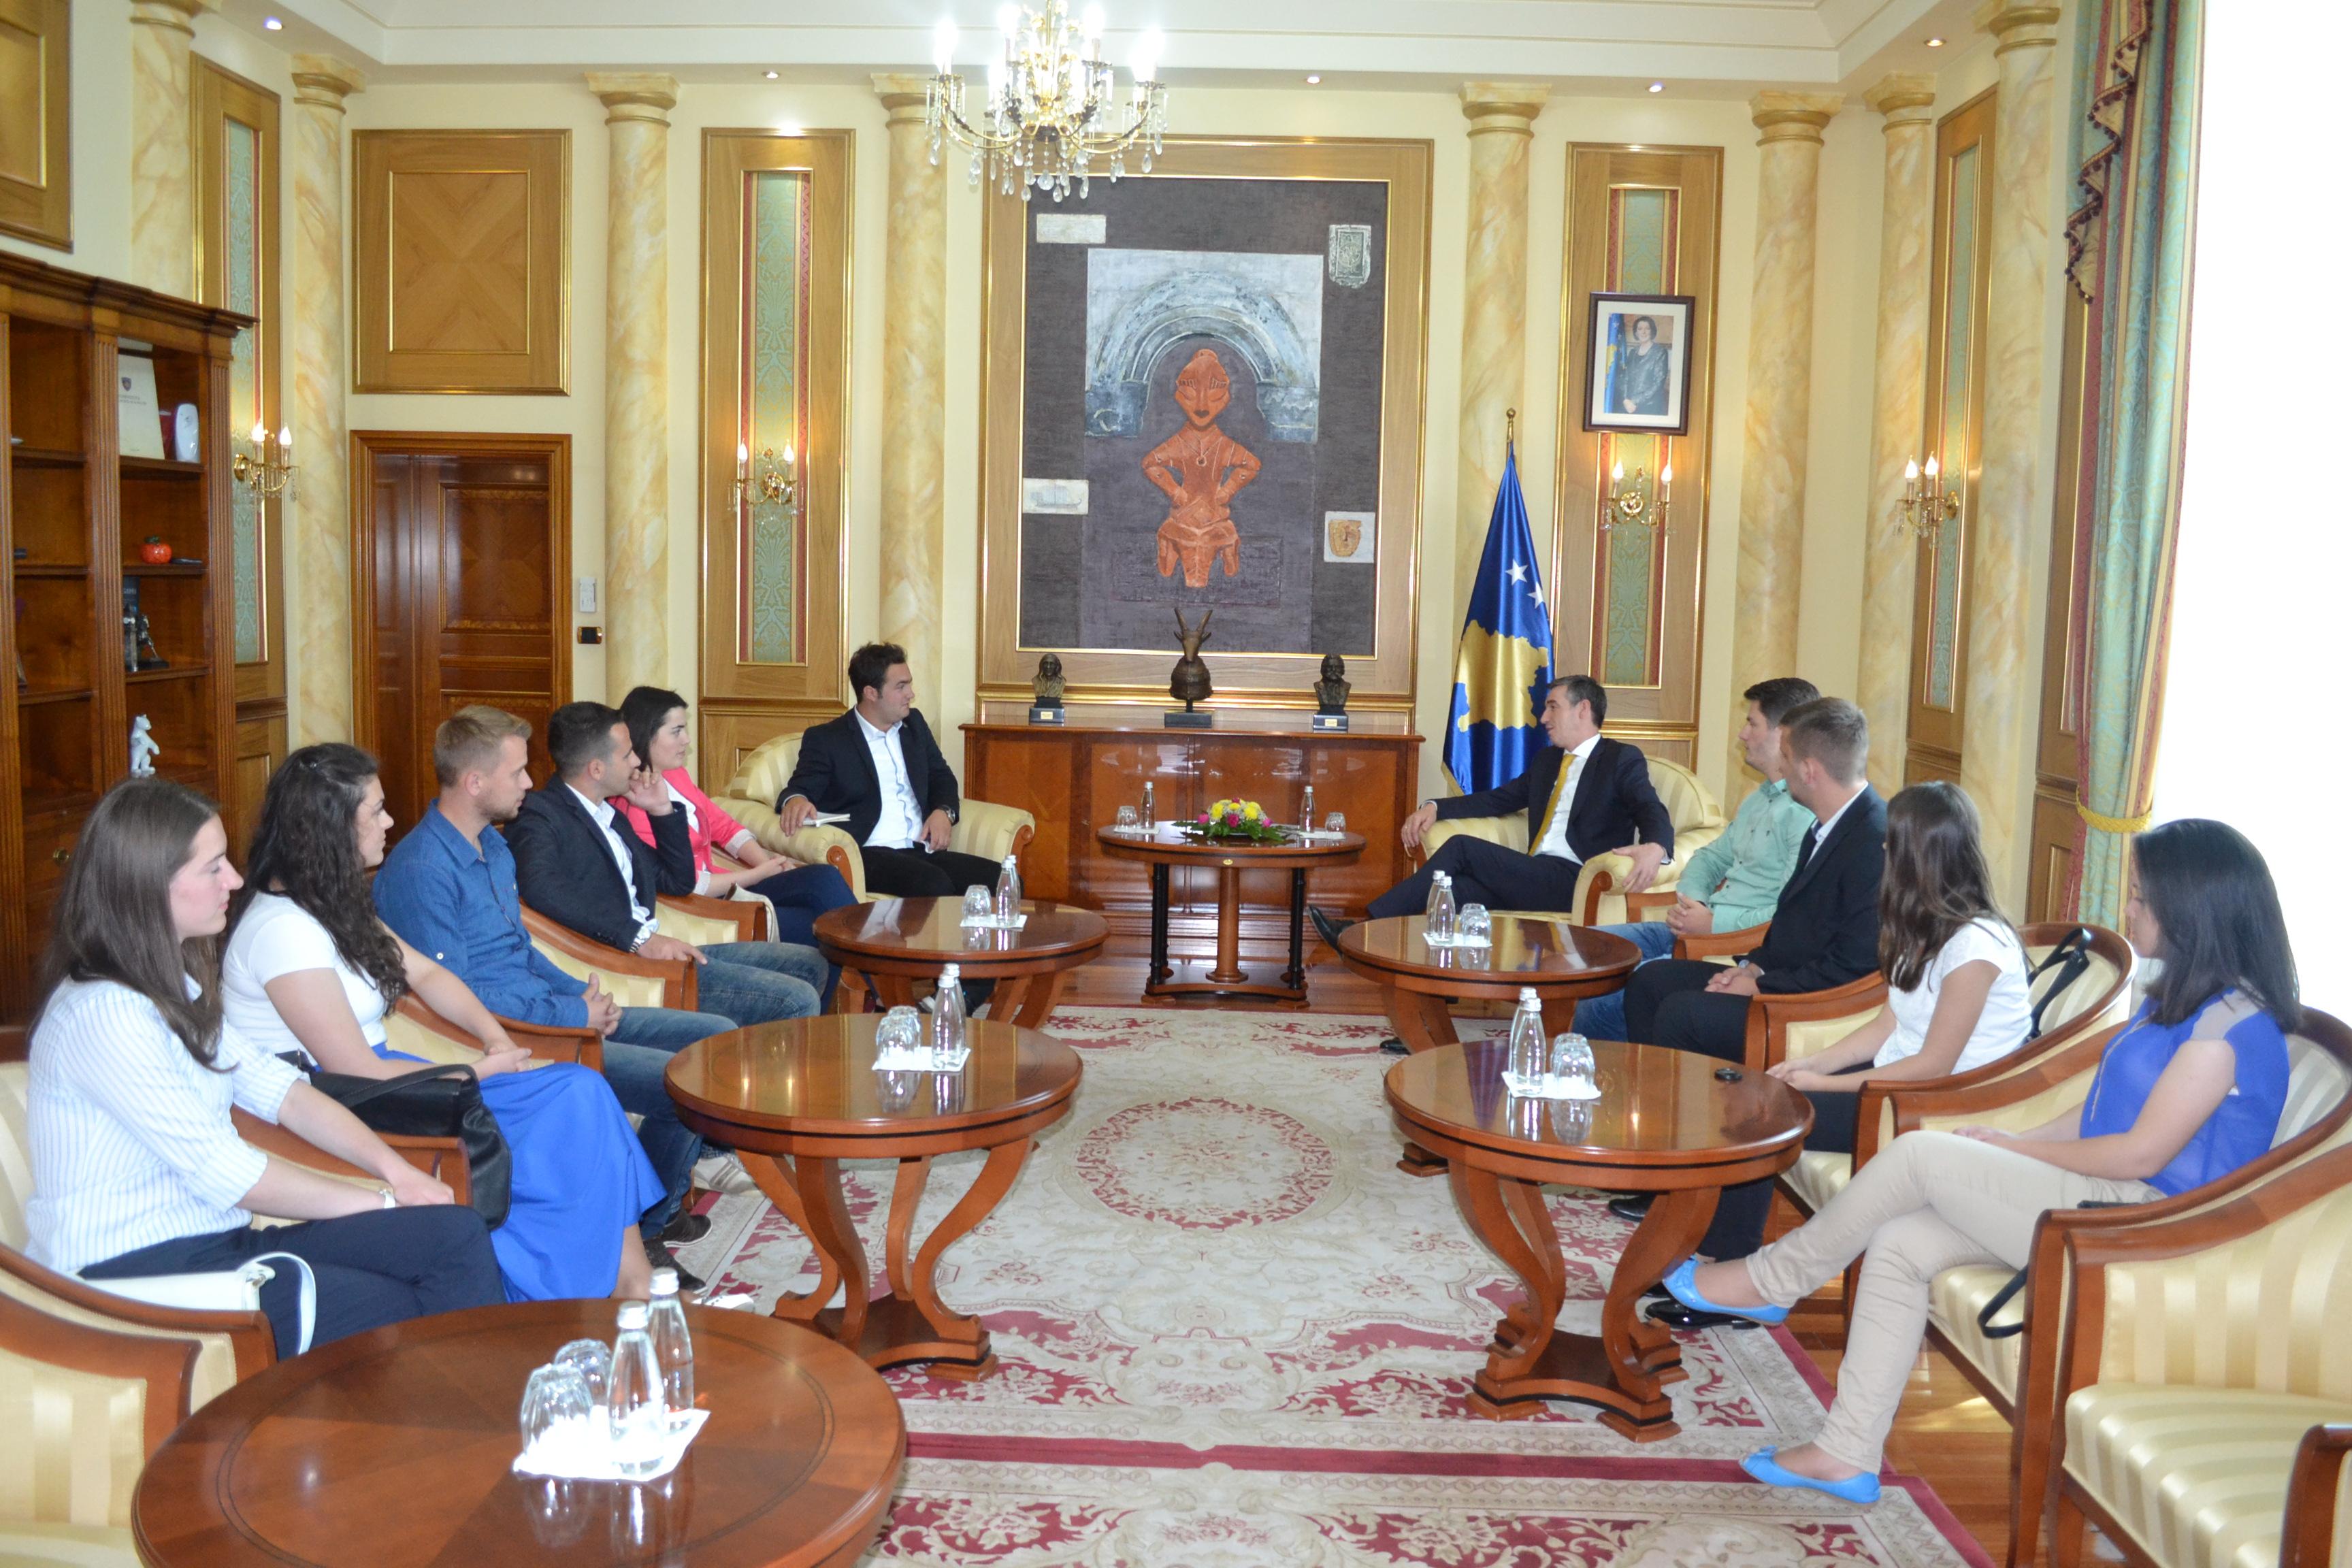 Parlamenti Studentor Gjatë Vizitës Në Kuvendin E Kosovës